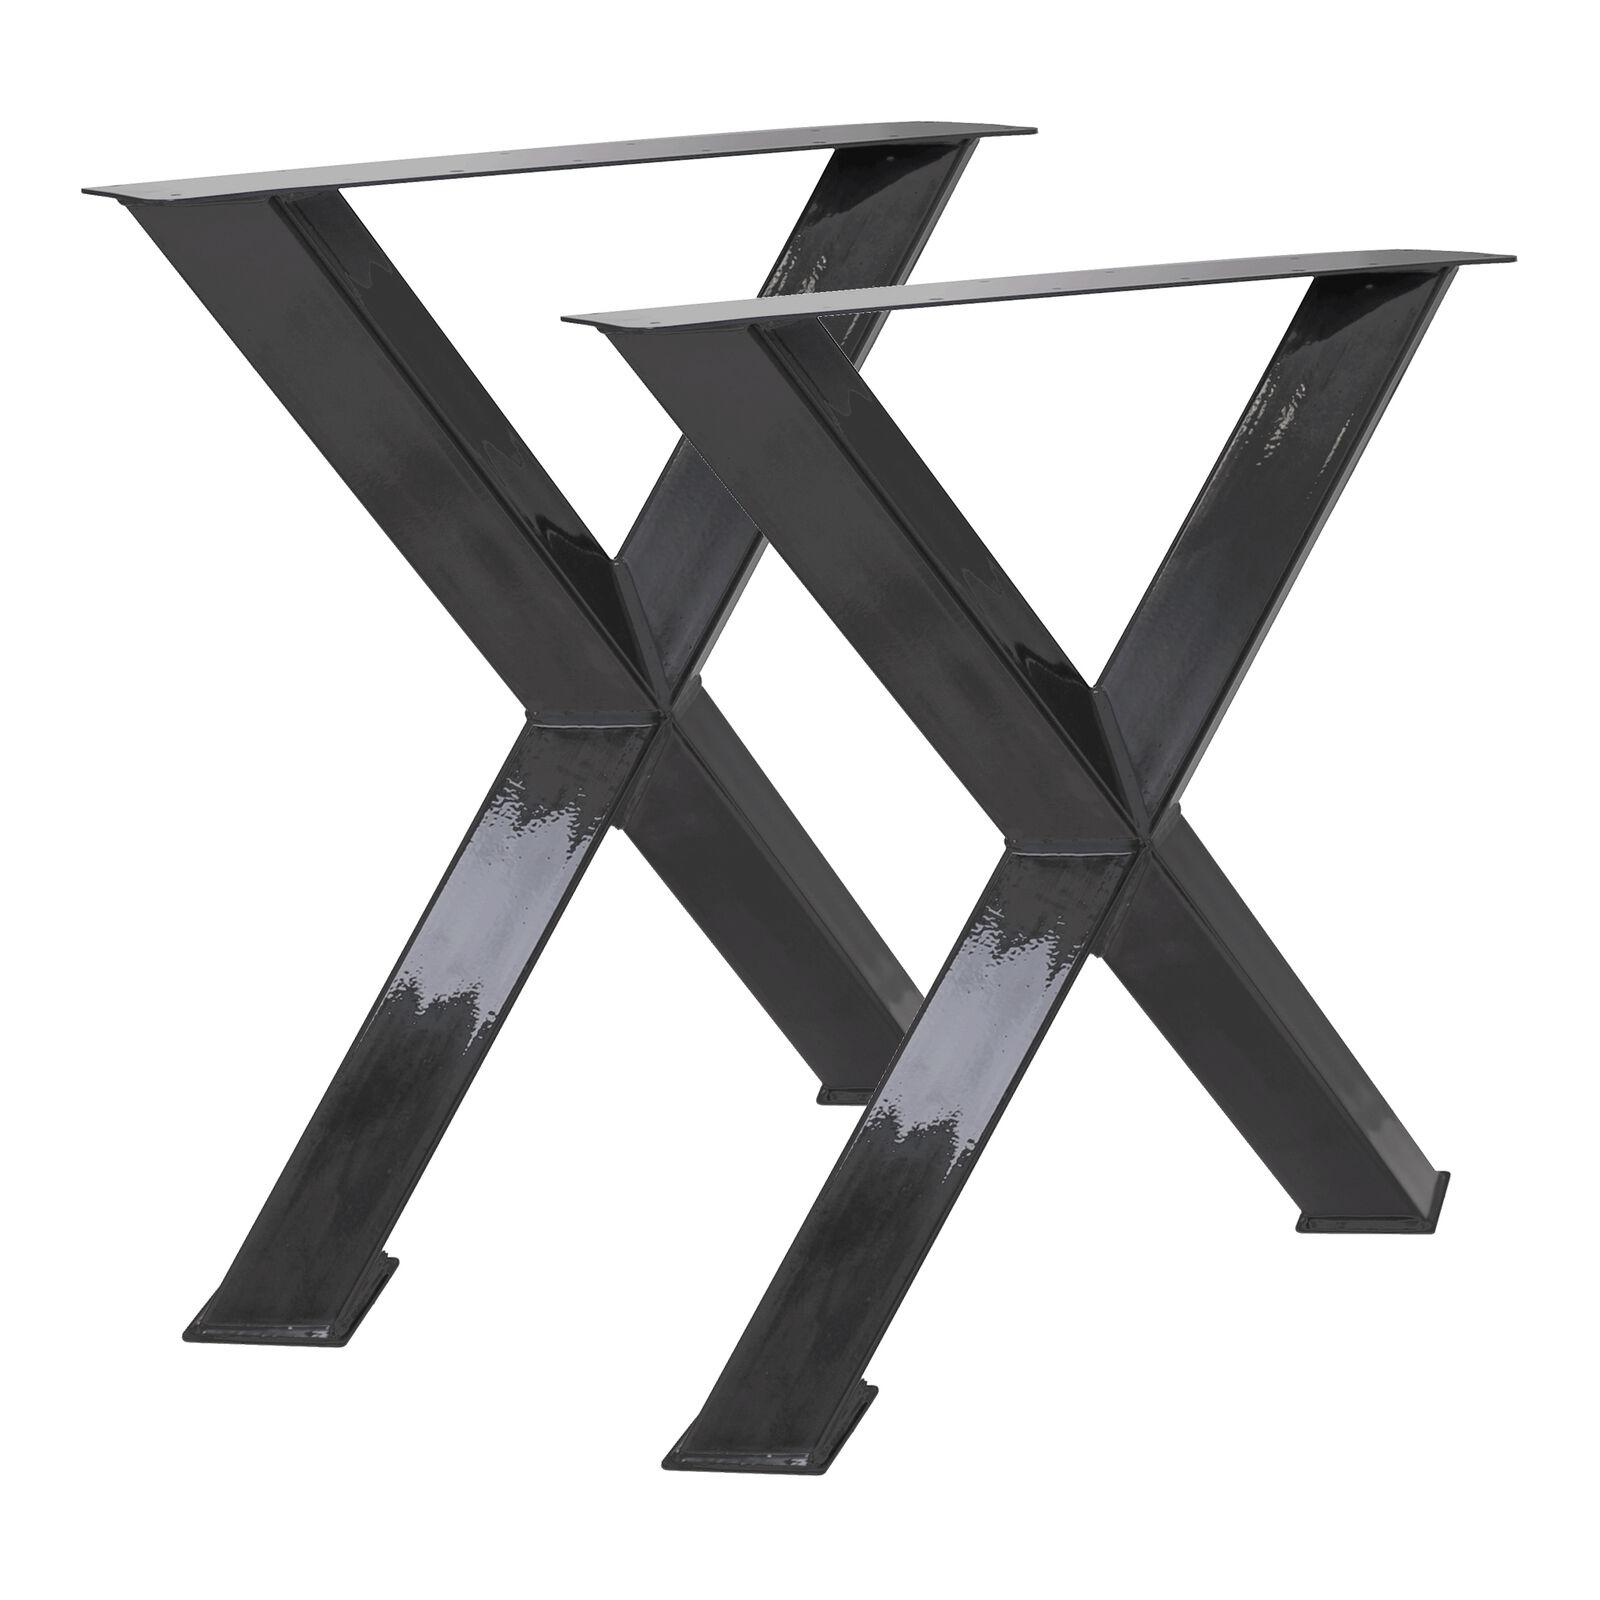 2x Tischbeine X 45° Angebot - Tischbeine Tischgestell Esstisch Esstisch Esstisch Industrial Stahl 11e70b